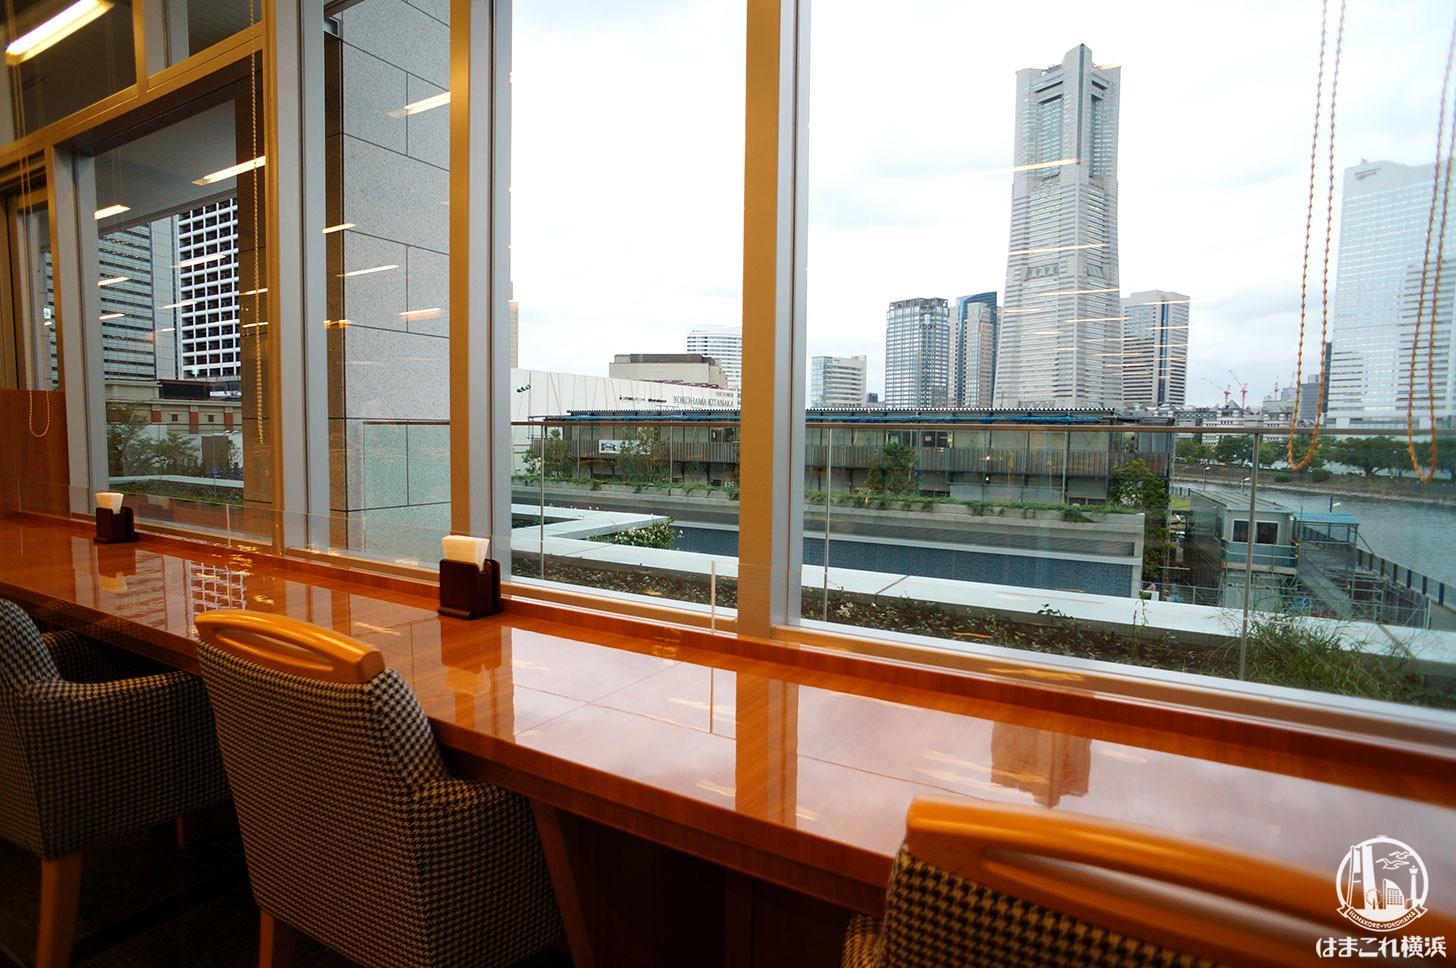 アパホテル&リゾート 横浜ベイタワー レストラン